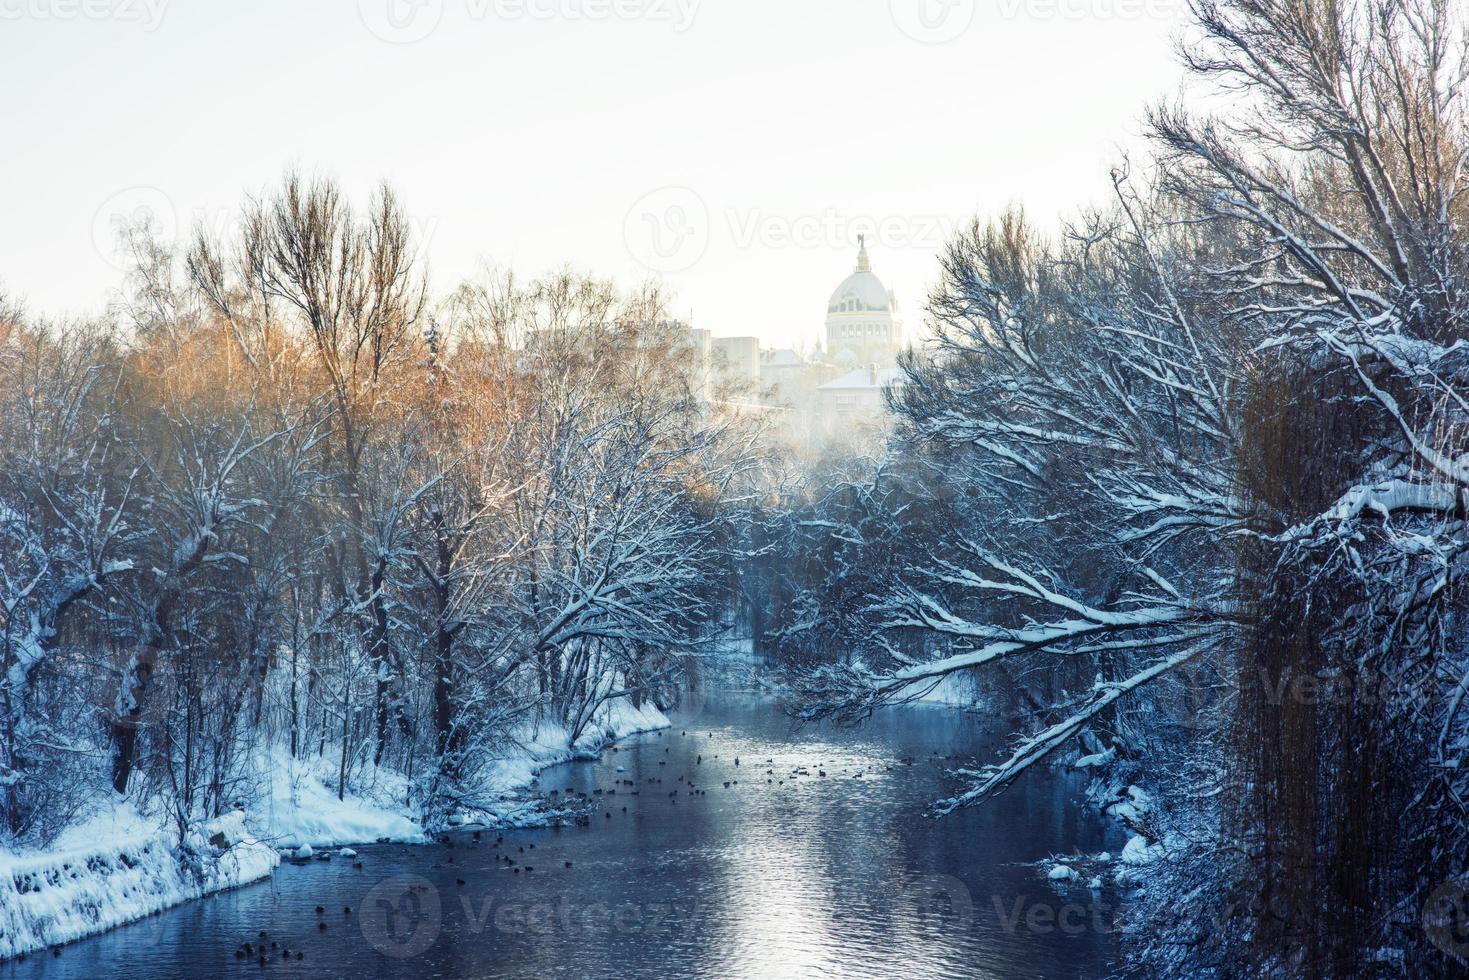 parque de invierno foto